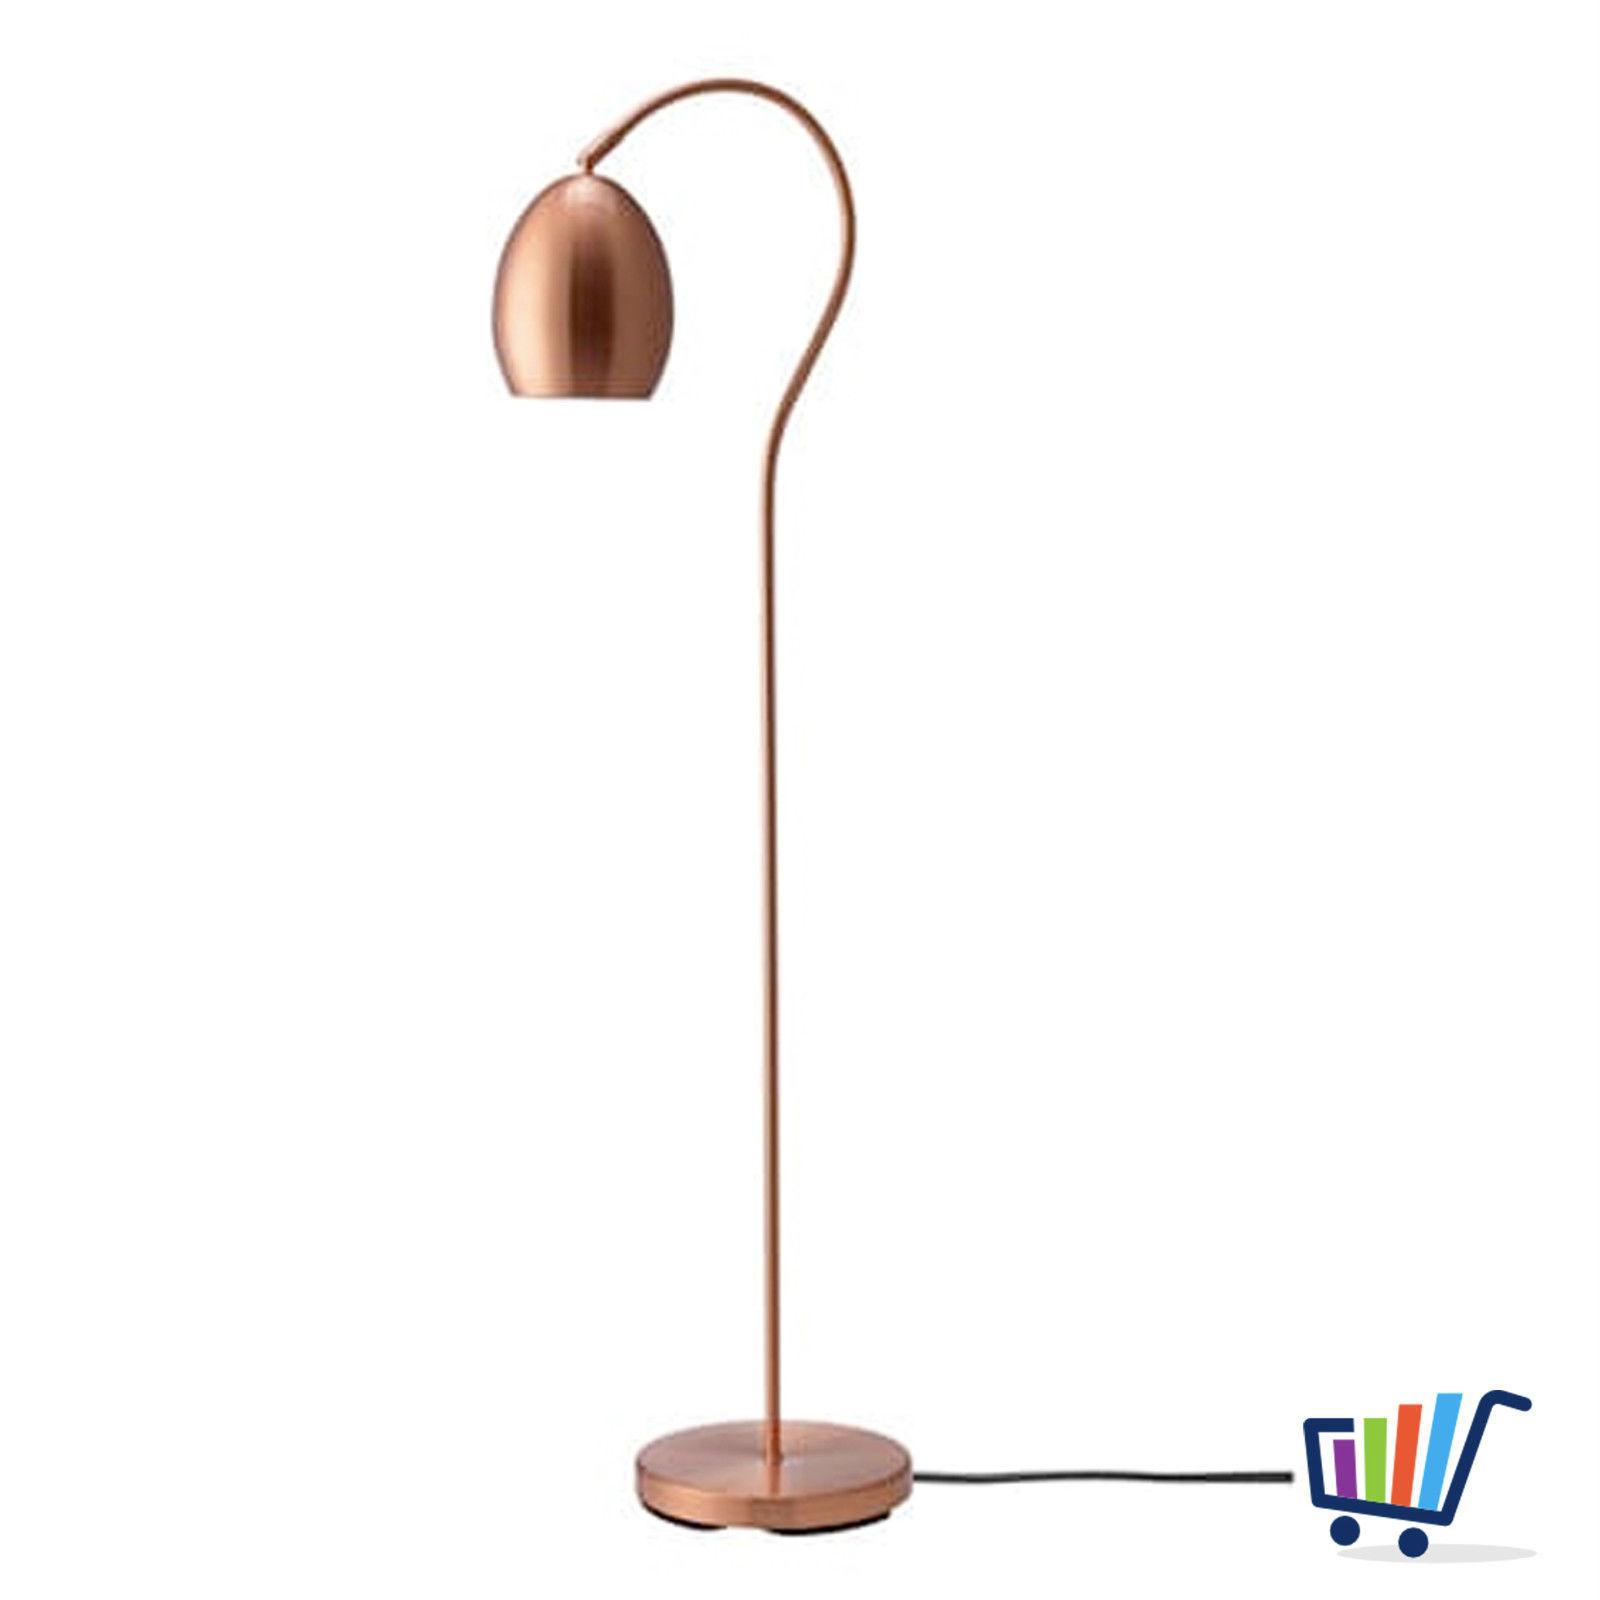 Full Size of Ikea Bogenlampe Kaufen Anleitung Papier Bogenlampen Steh Regolit Hack Stehlampe Stehlampen Dimmbar Led Lampenschirm Wohnzimmer Küche Kosten Esstisch Betten Wohnzimmer Ikea Bogenlampe